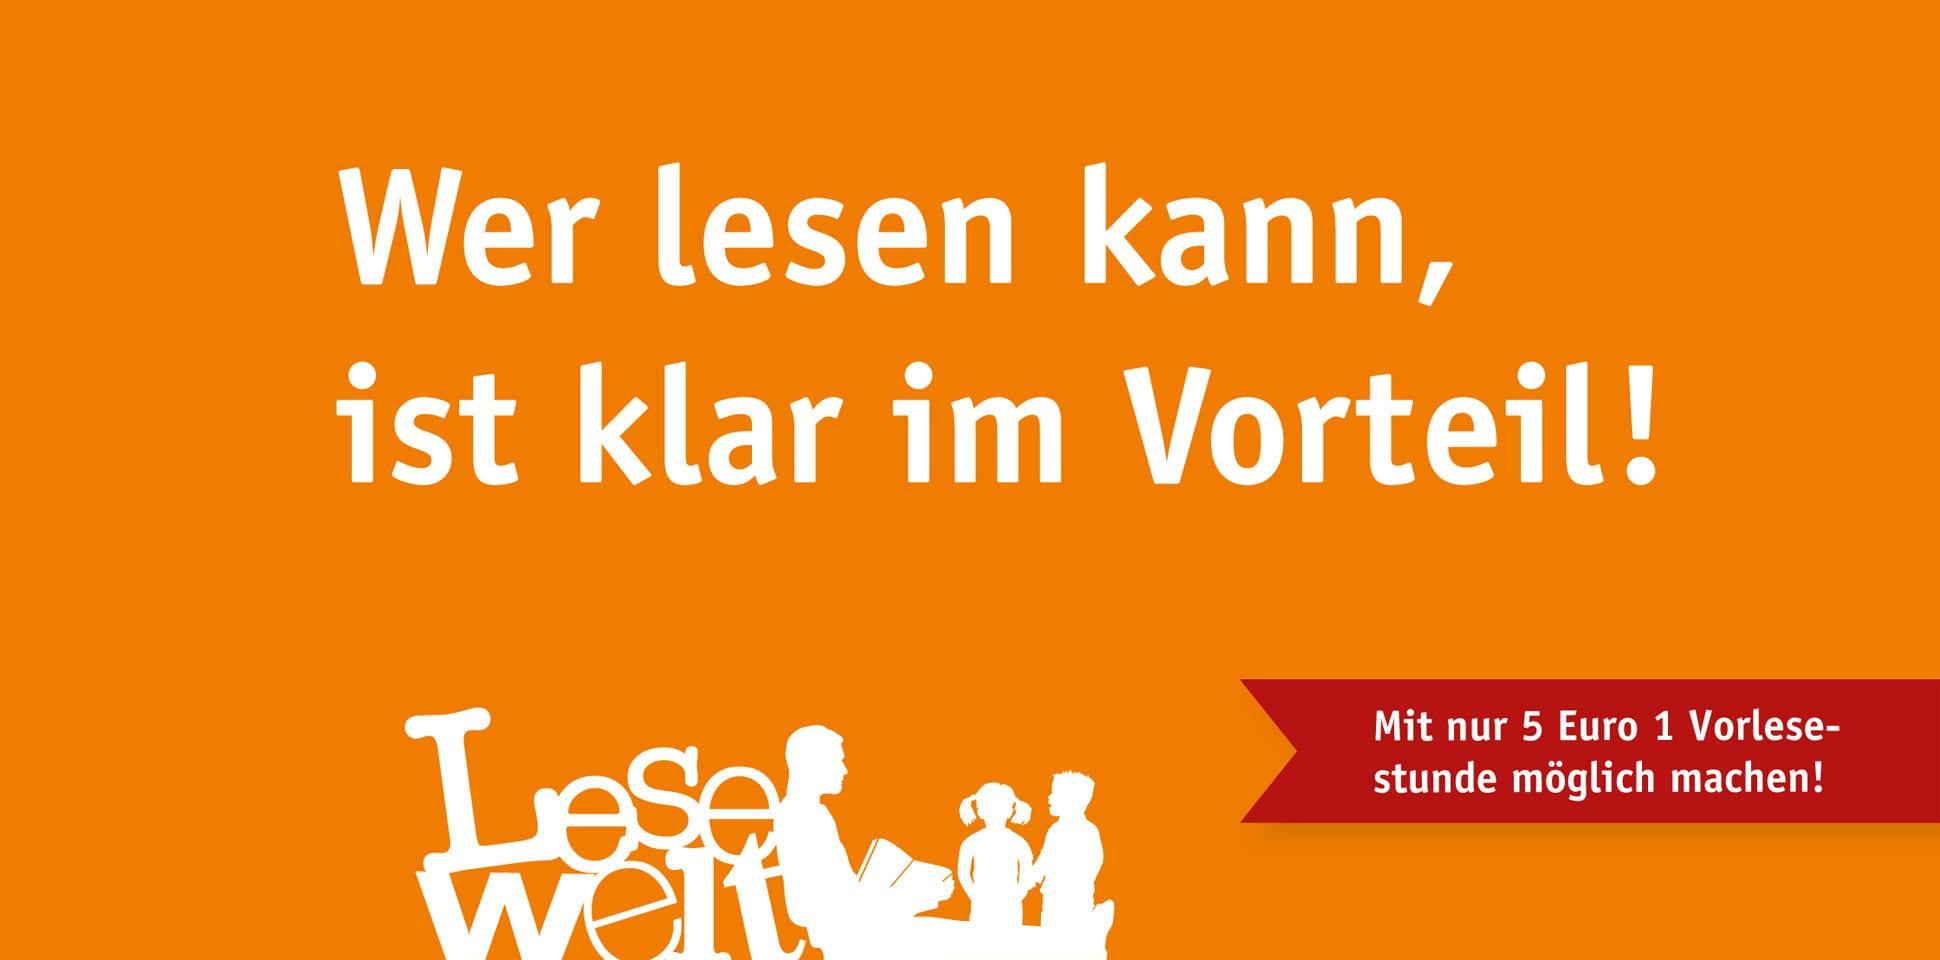 Lesewelt Berlin feiert Geburtstag